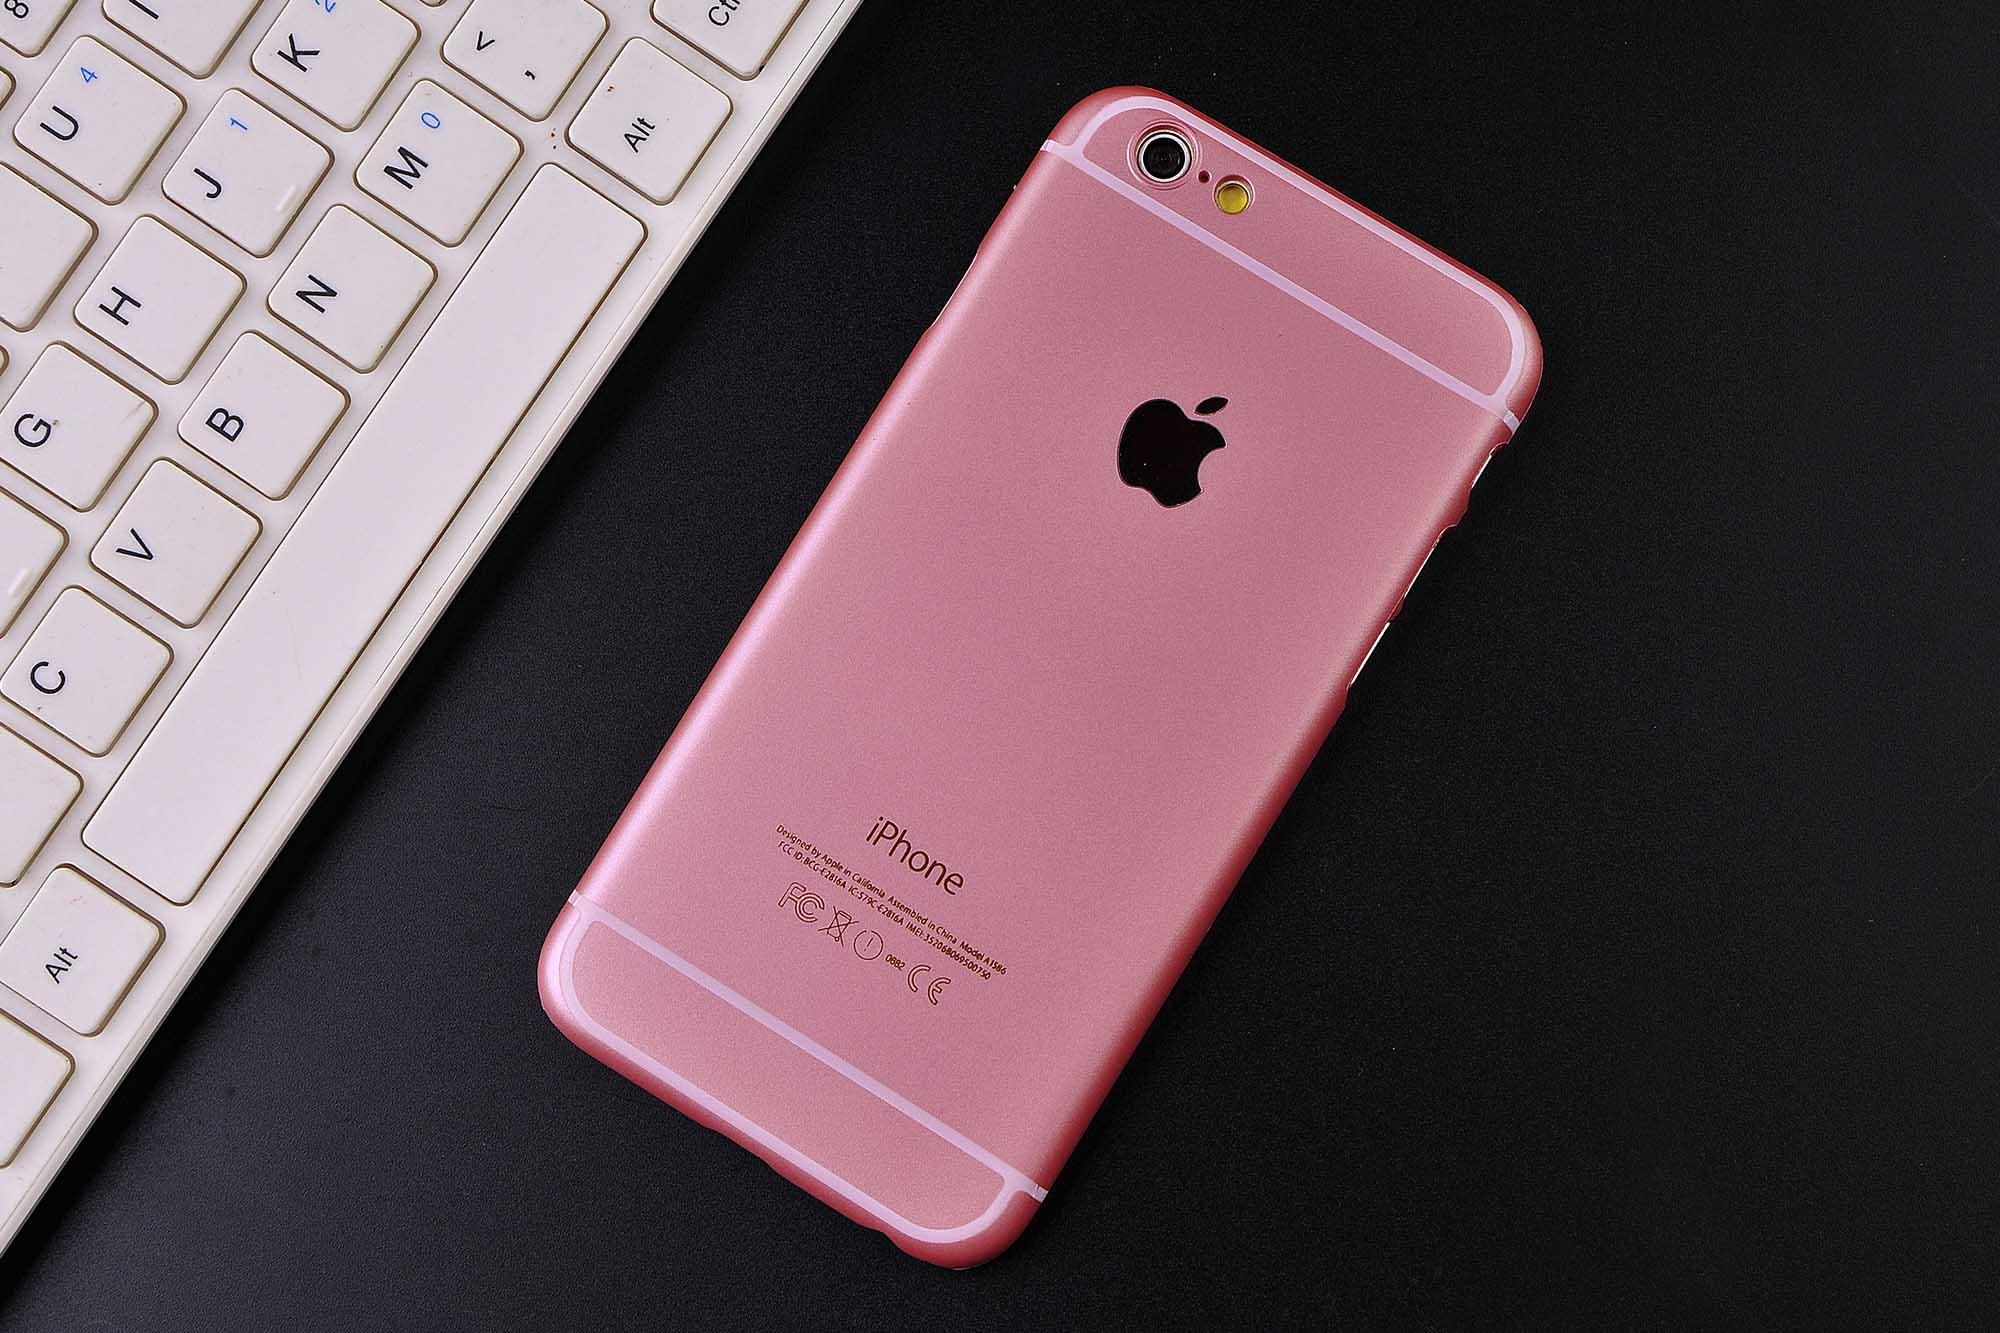 iPhone销售疲软,苹果实现艰难增长